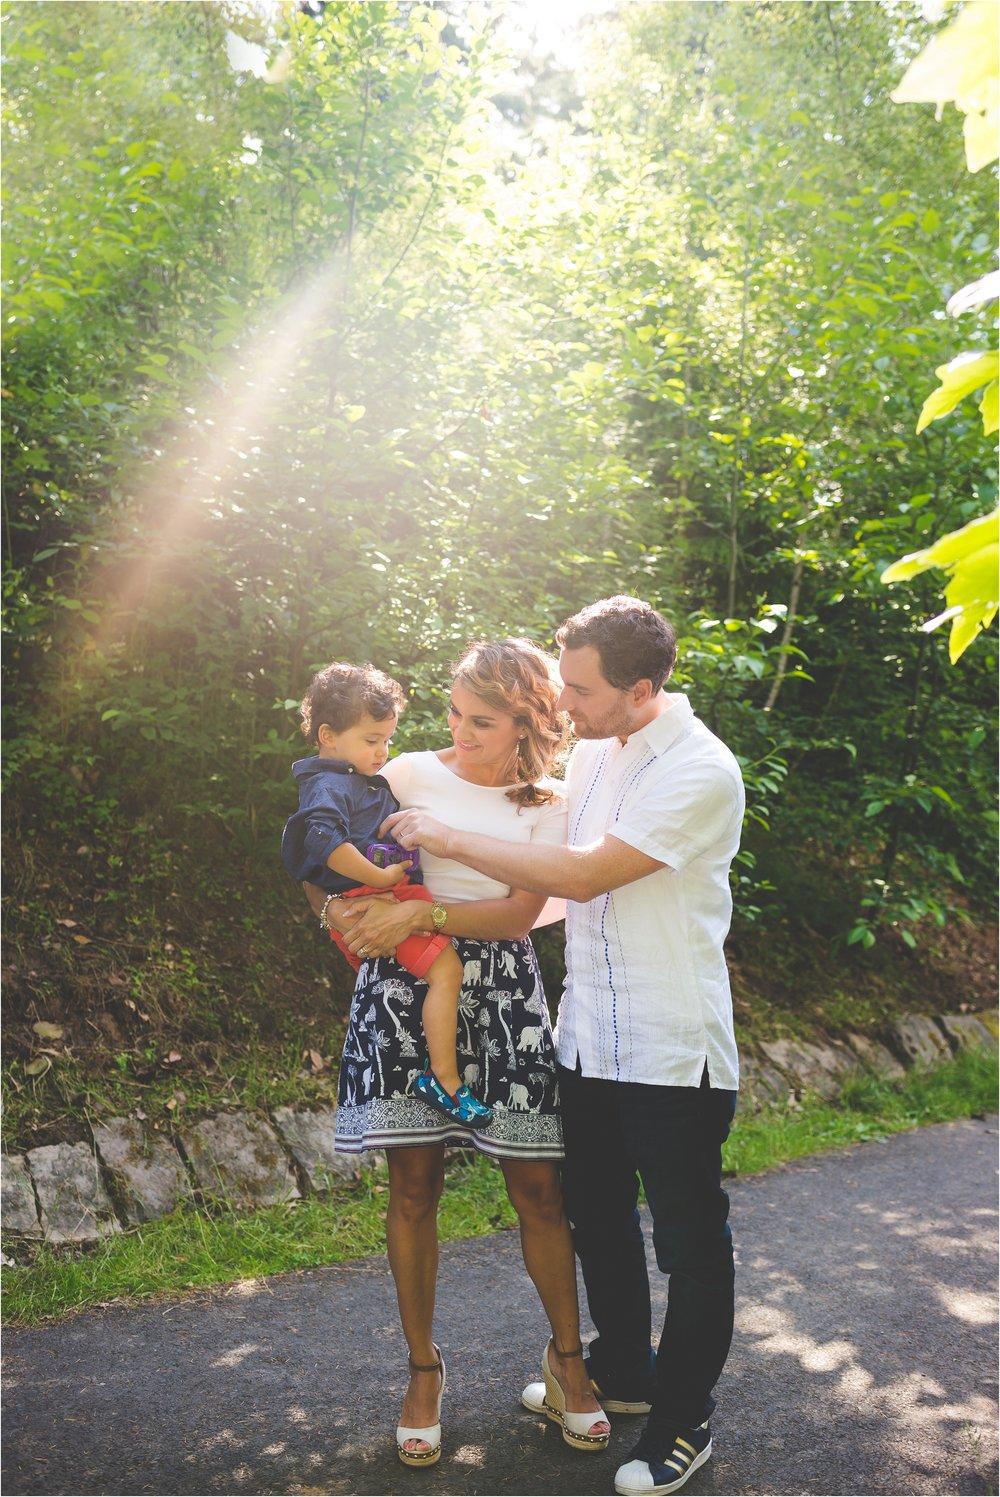 hoyt-arboretum-family-session-jannicka-mayte-portland-oregon-family-photographer_0029.jpg